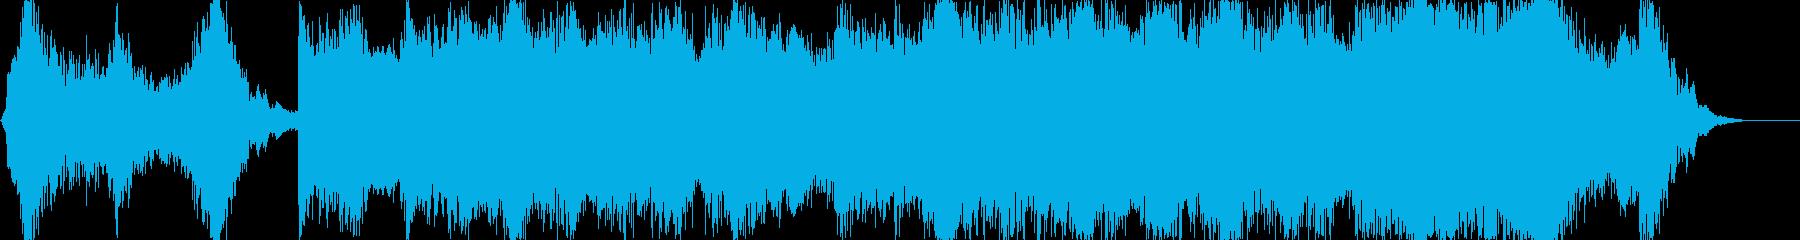 ハリウッド風トレイラー リズム主体01の再生済みの波形